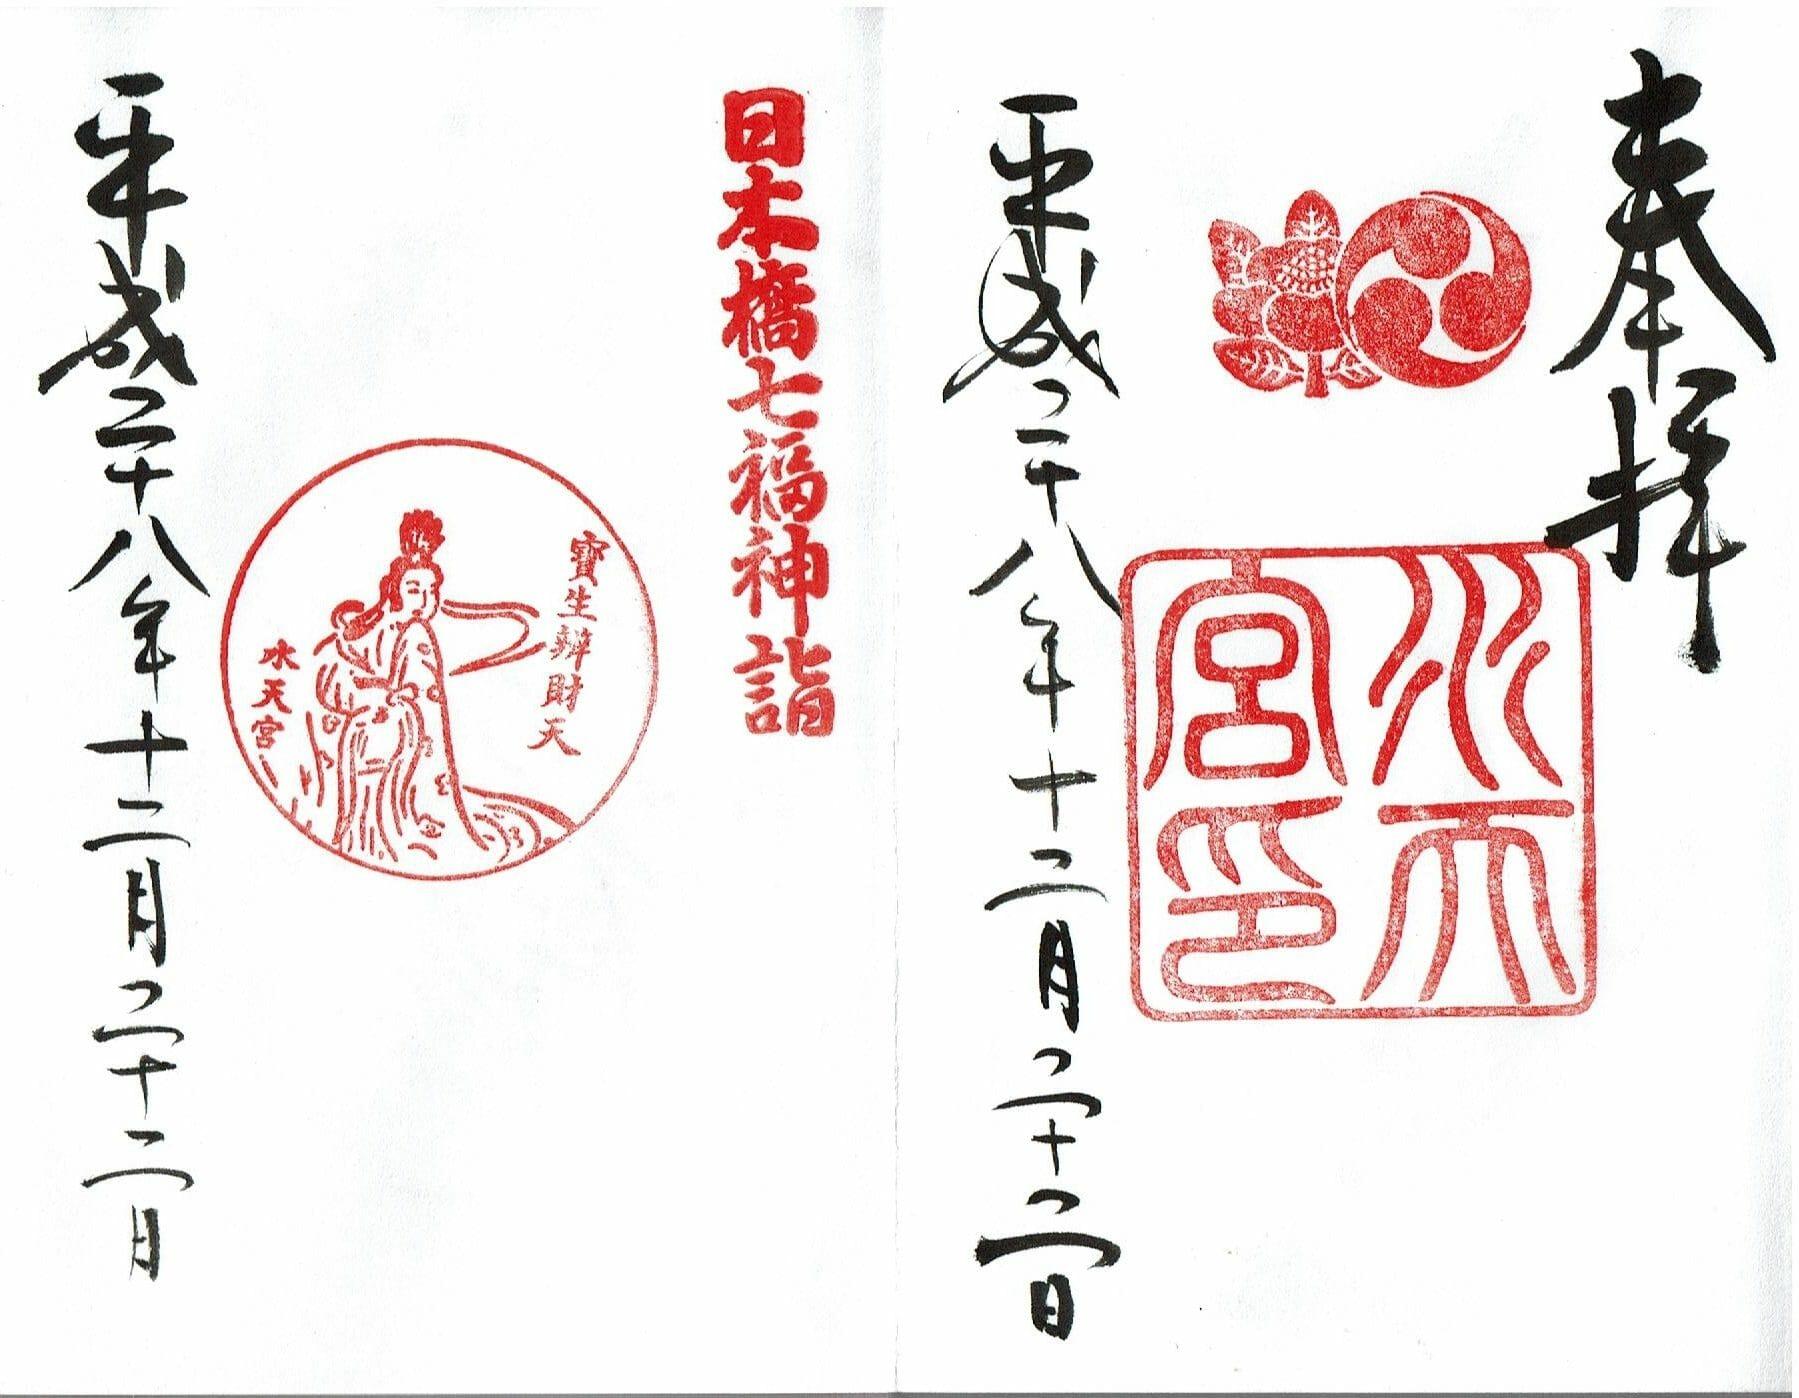 日本橋水天宮の御朱印は水天宮と宝生弁財天の2種類です